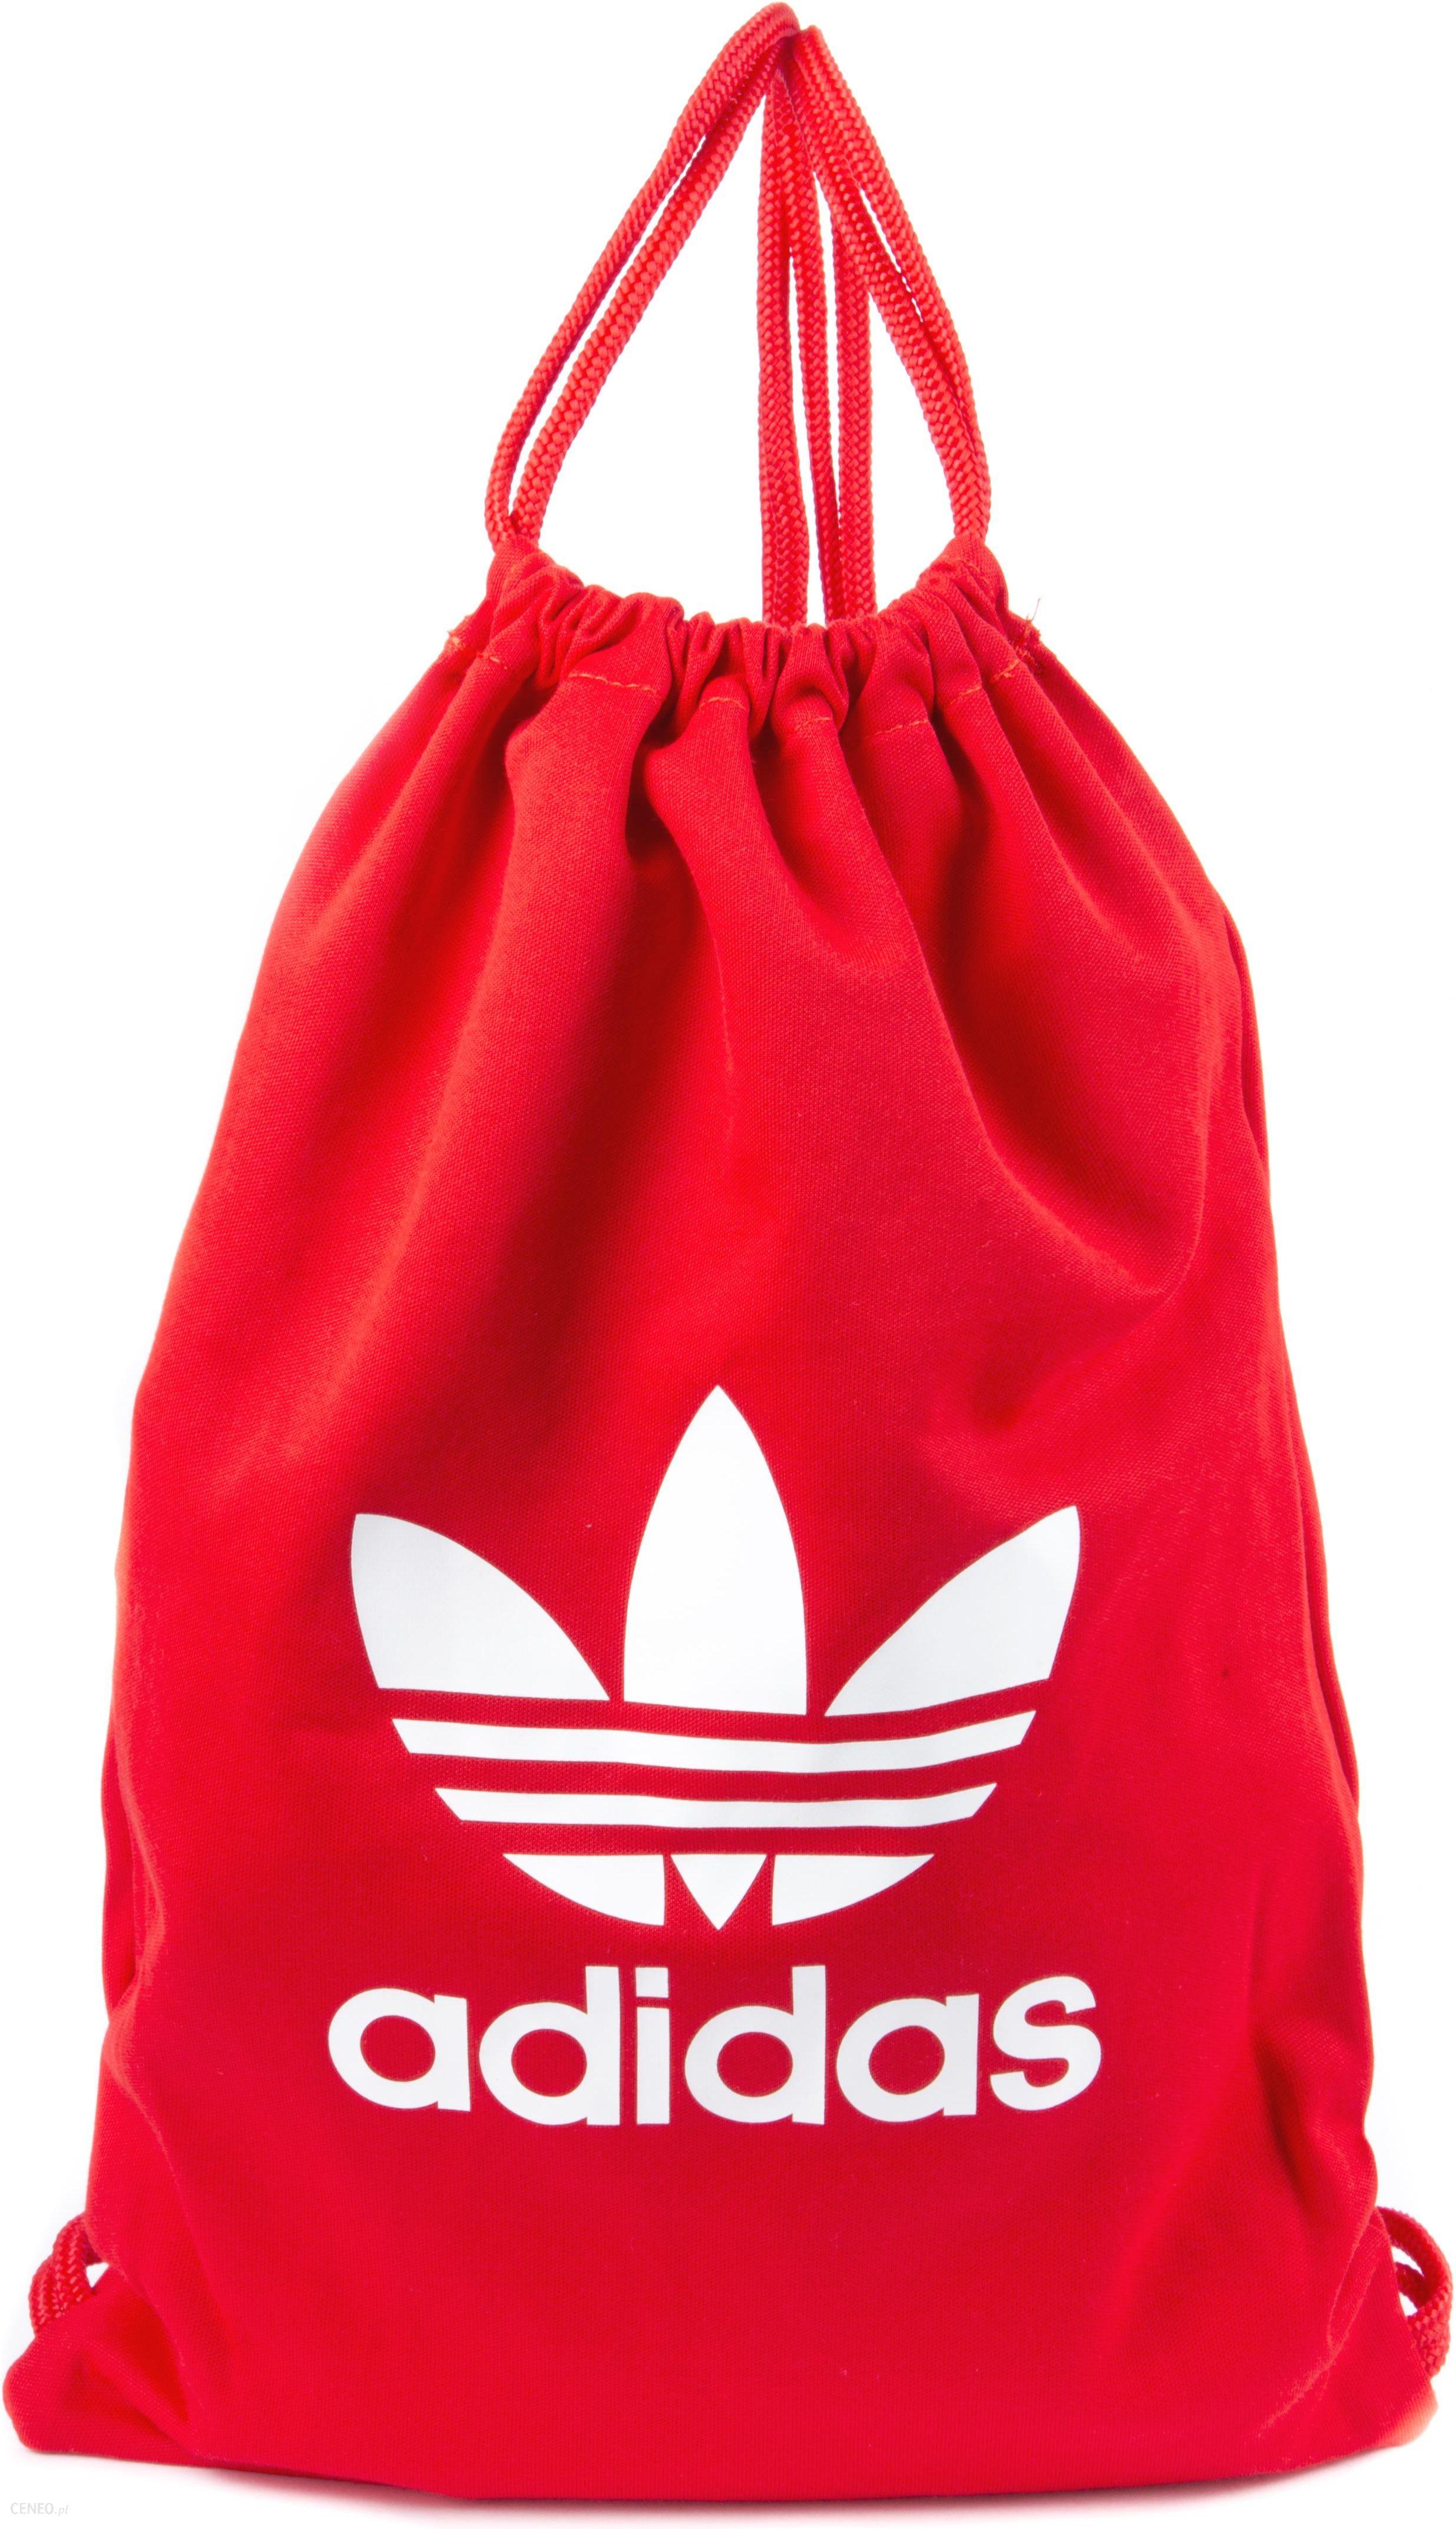 97631e04b2d8f Adidas Originals Tricot Plecak Czerwony UNI - Ceny i opinie - Ceneo.pl